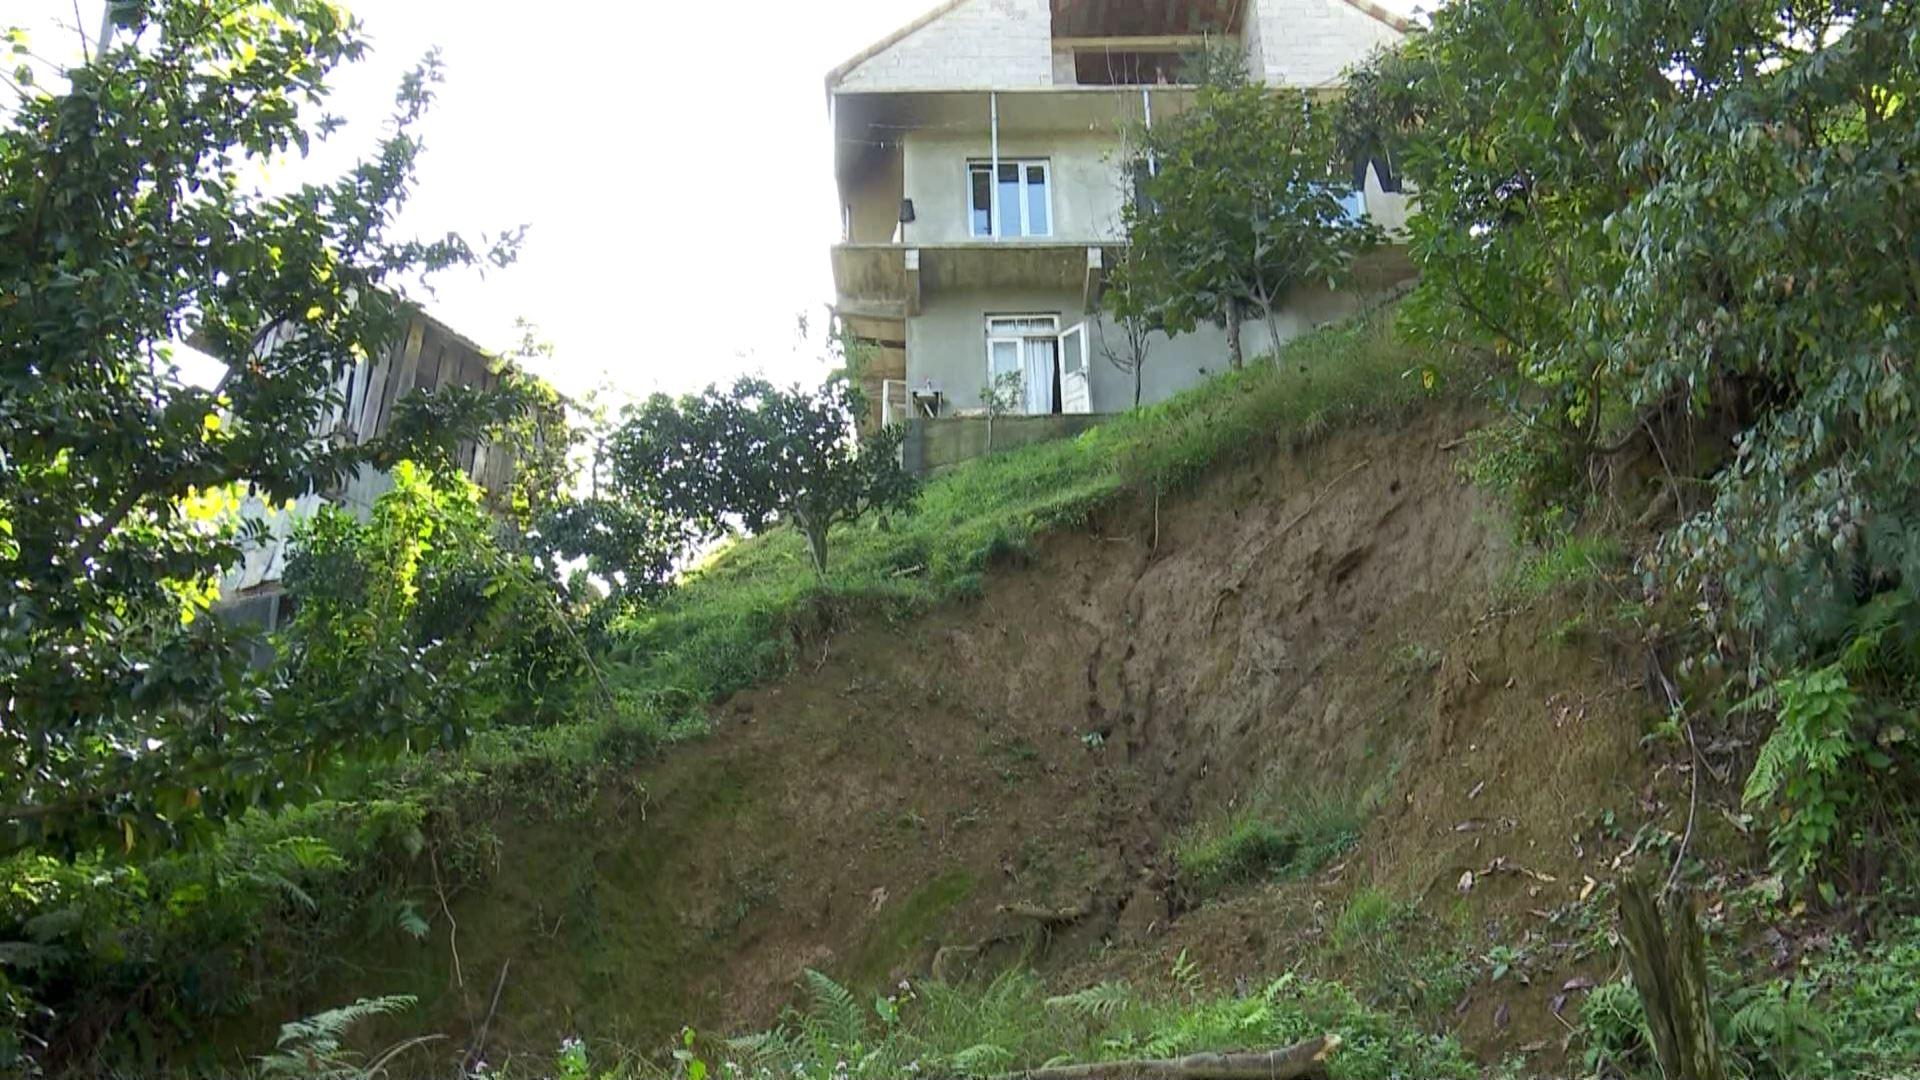 აჭარაში მიმდინარე წელს სულ 2 000-მდე სახლის გეოლოგიური მდგომარეობა შეისწავლეს